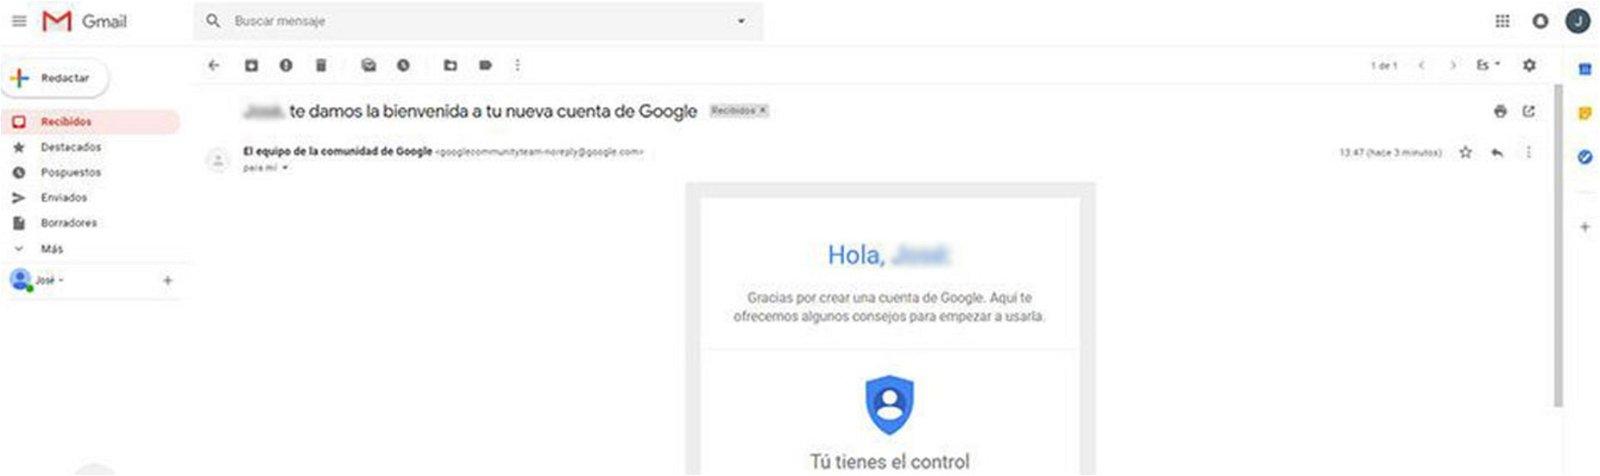 Cómo saber la fecha de creación exacta de tu cuenta de Gmail